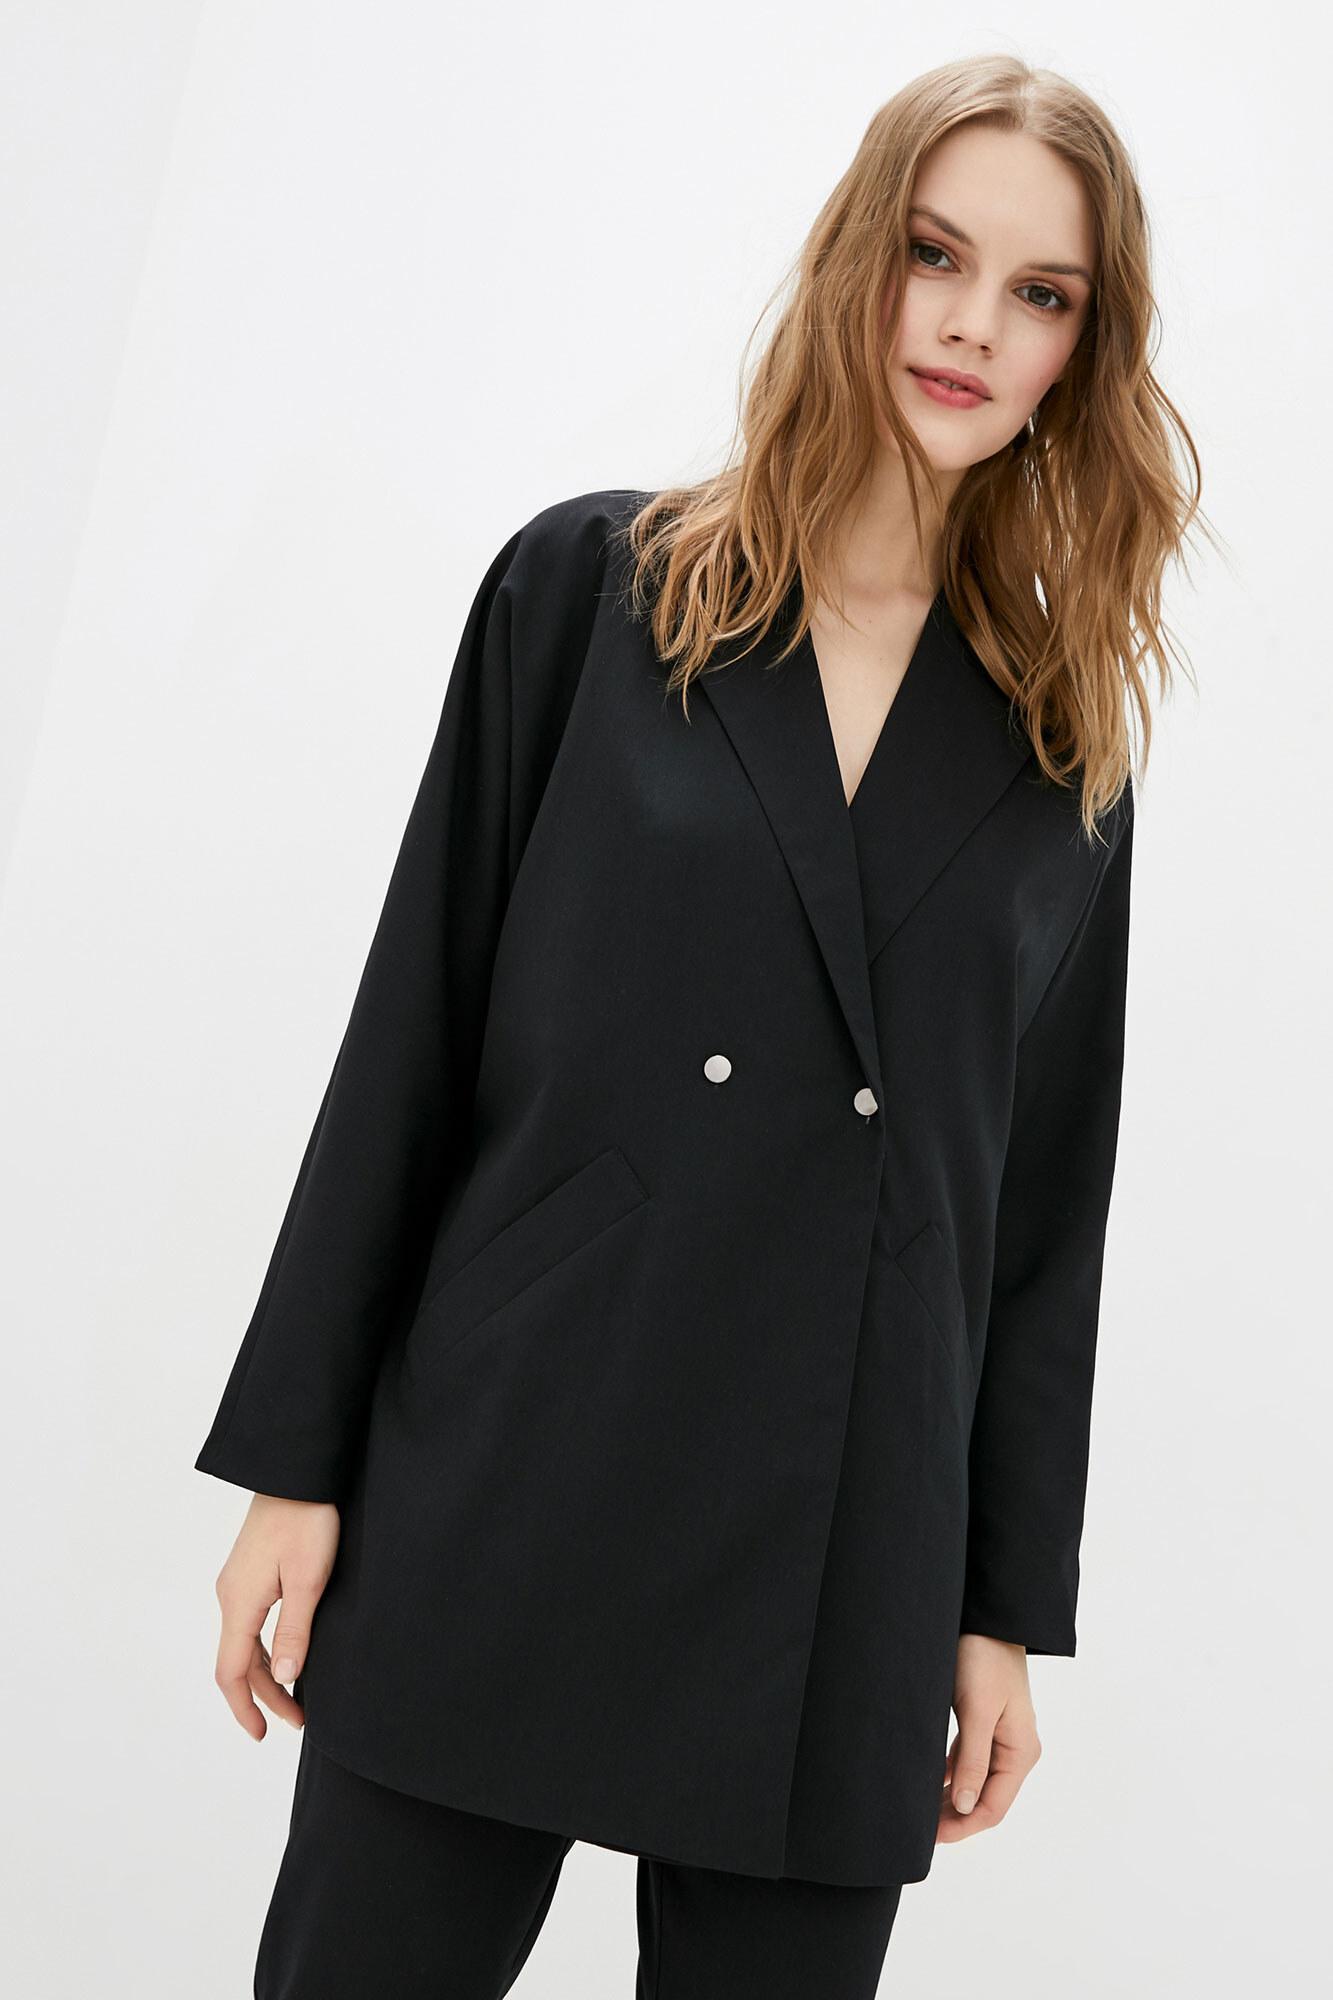 Черный пиджак оверсайз длинный на пуговицах GEN